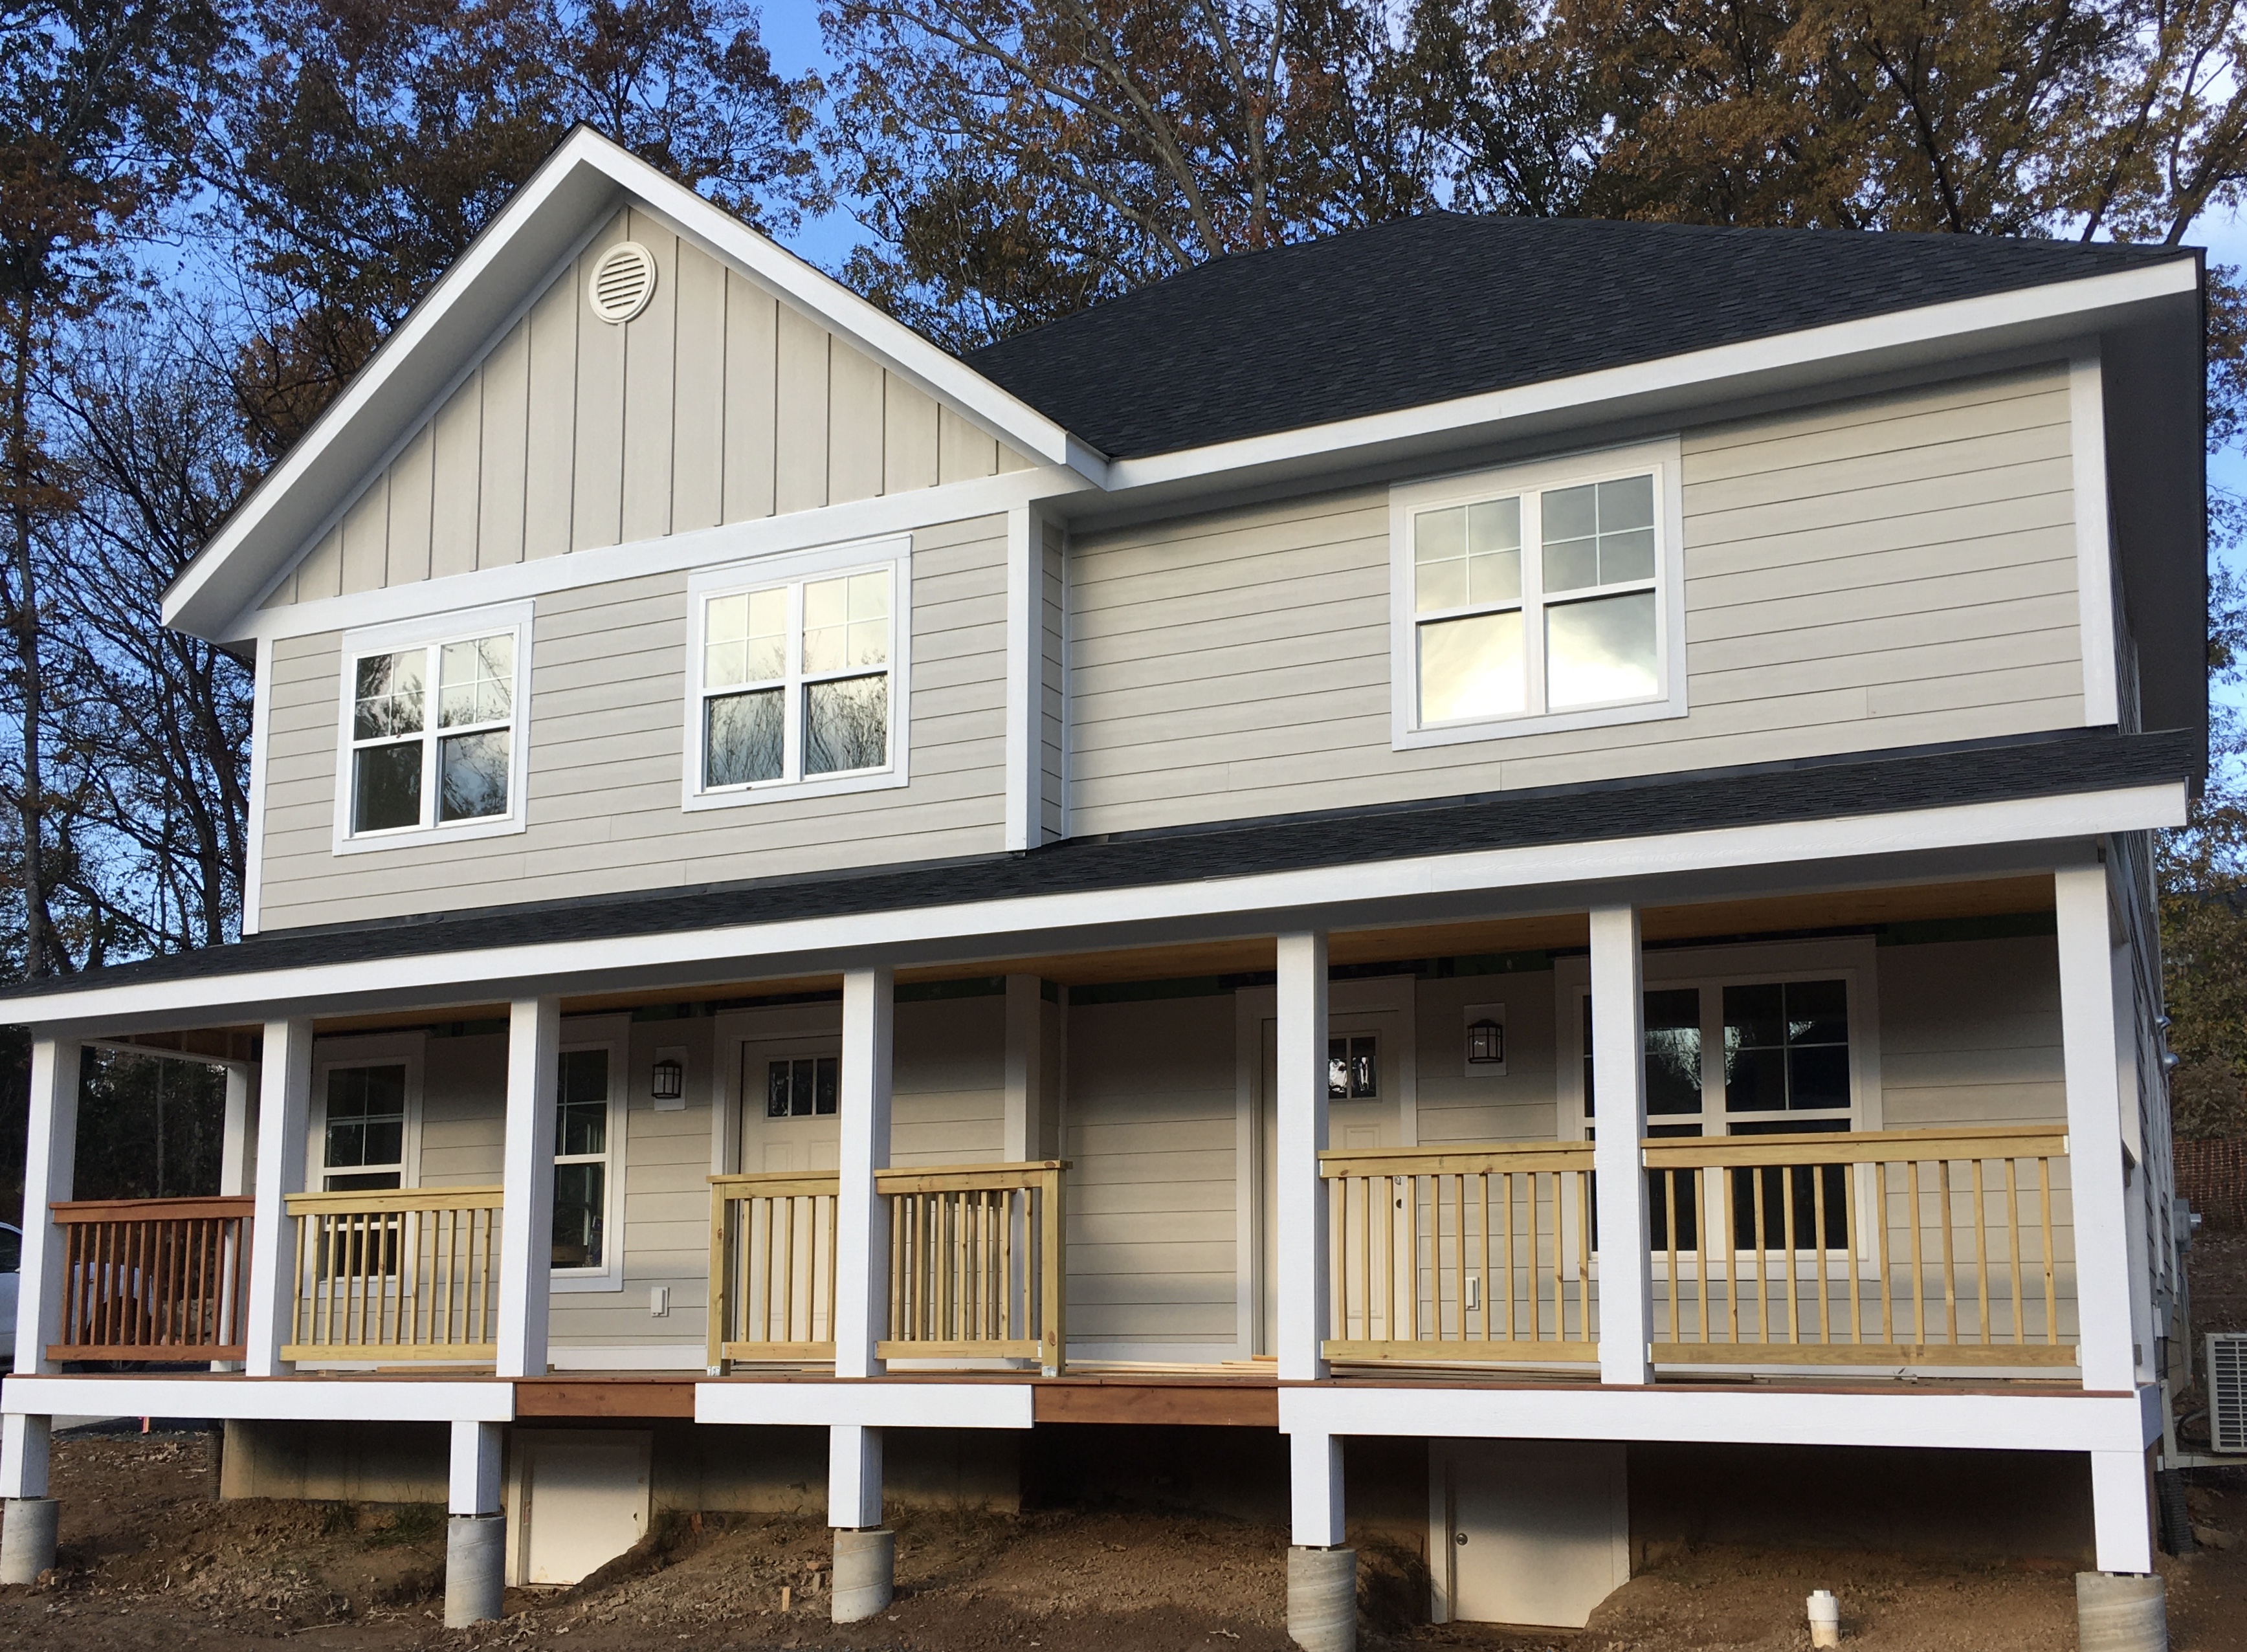 Homes 1 and 2 November